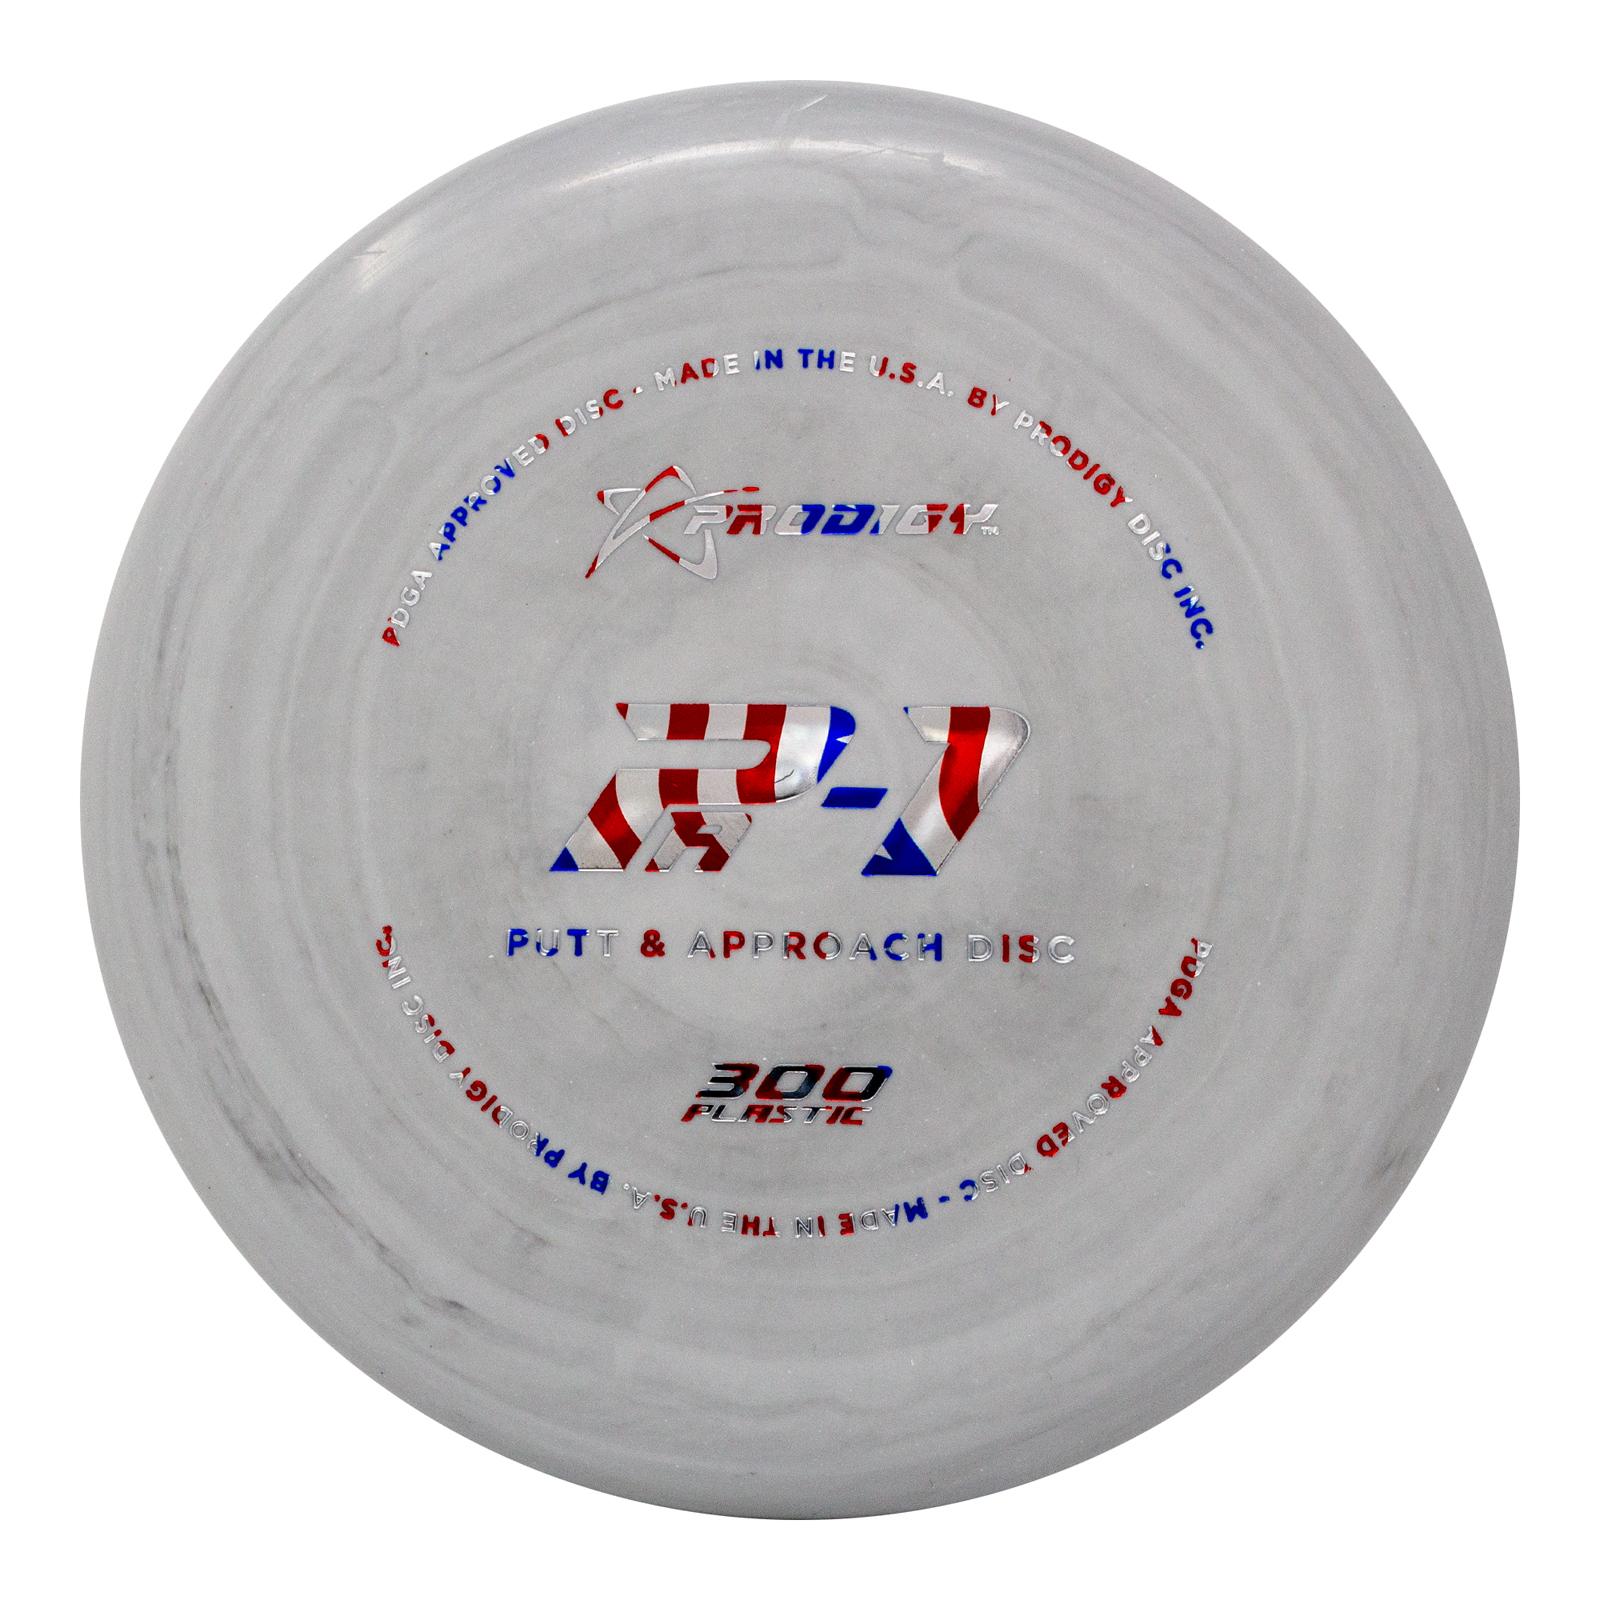 PA-1 - 300 PLASTIC